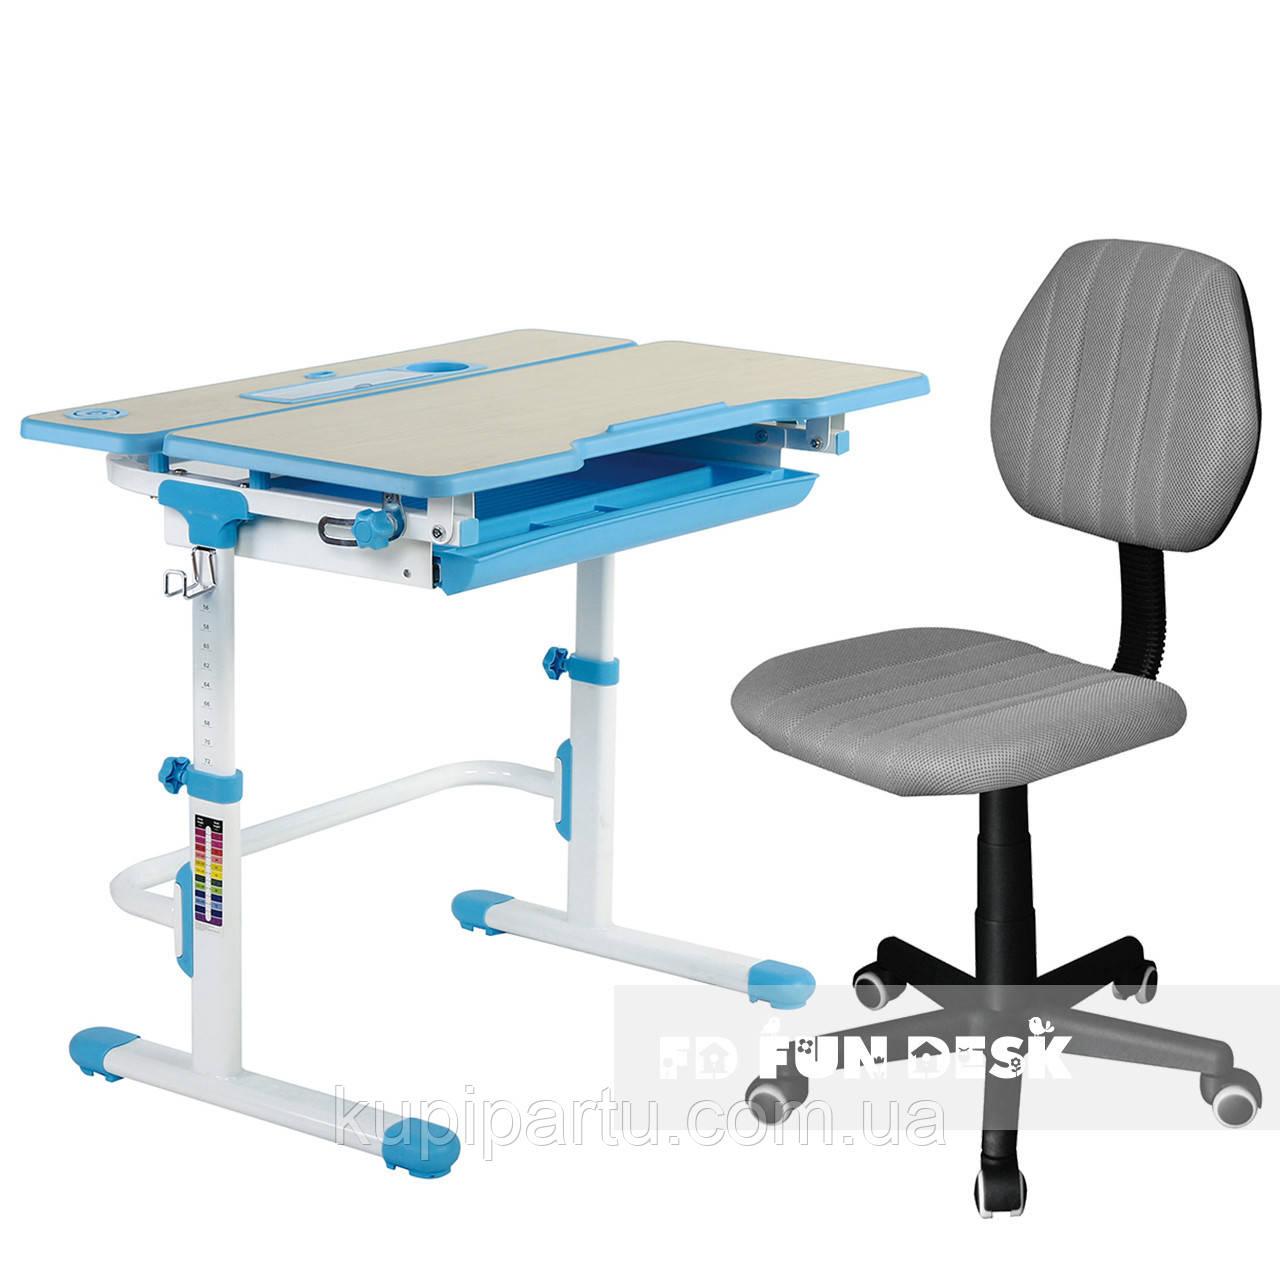 Комплект растущая парта Lavoro L Blue + детское компьютерное кресло LST4 Grey FunDesk